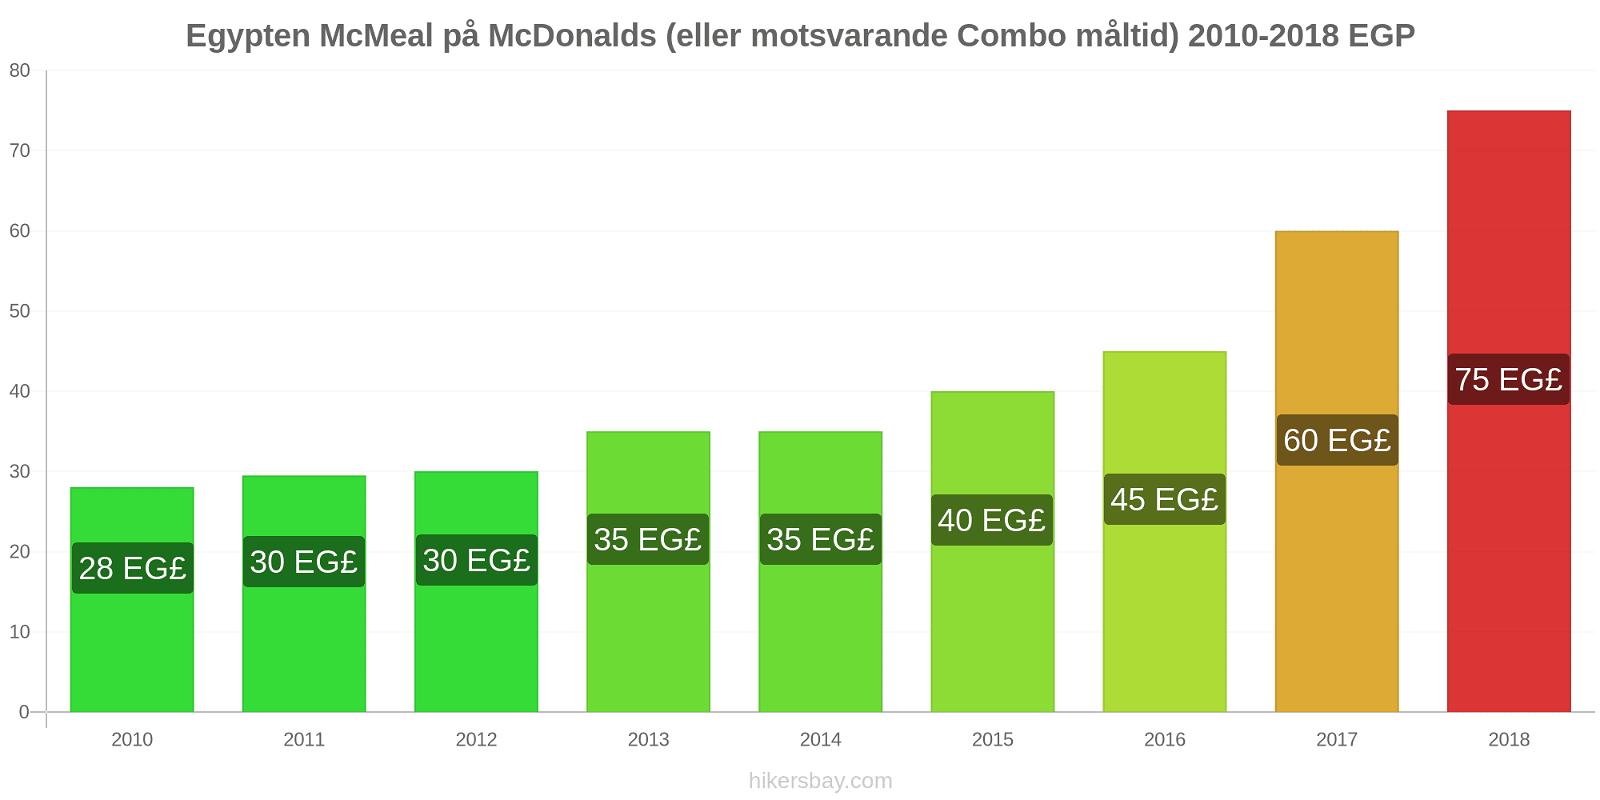 Egypten prisförändringar McMeal på McDonalds (eller motsvarande Combo måltid) hikersbay.com